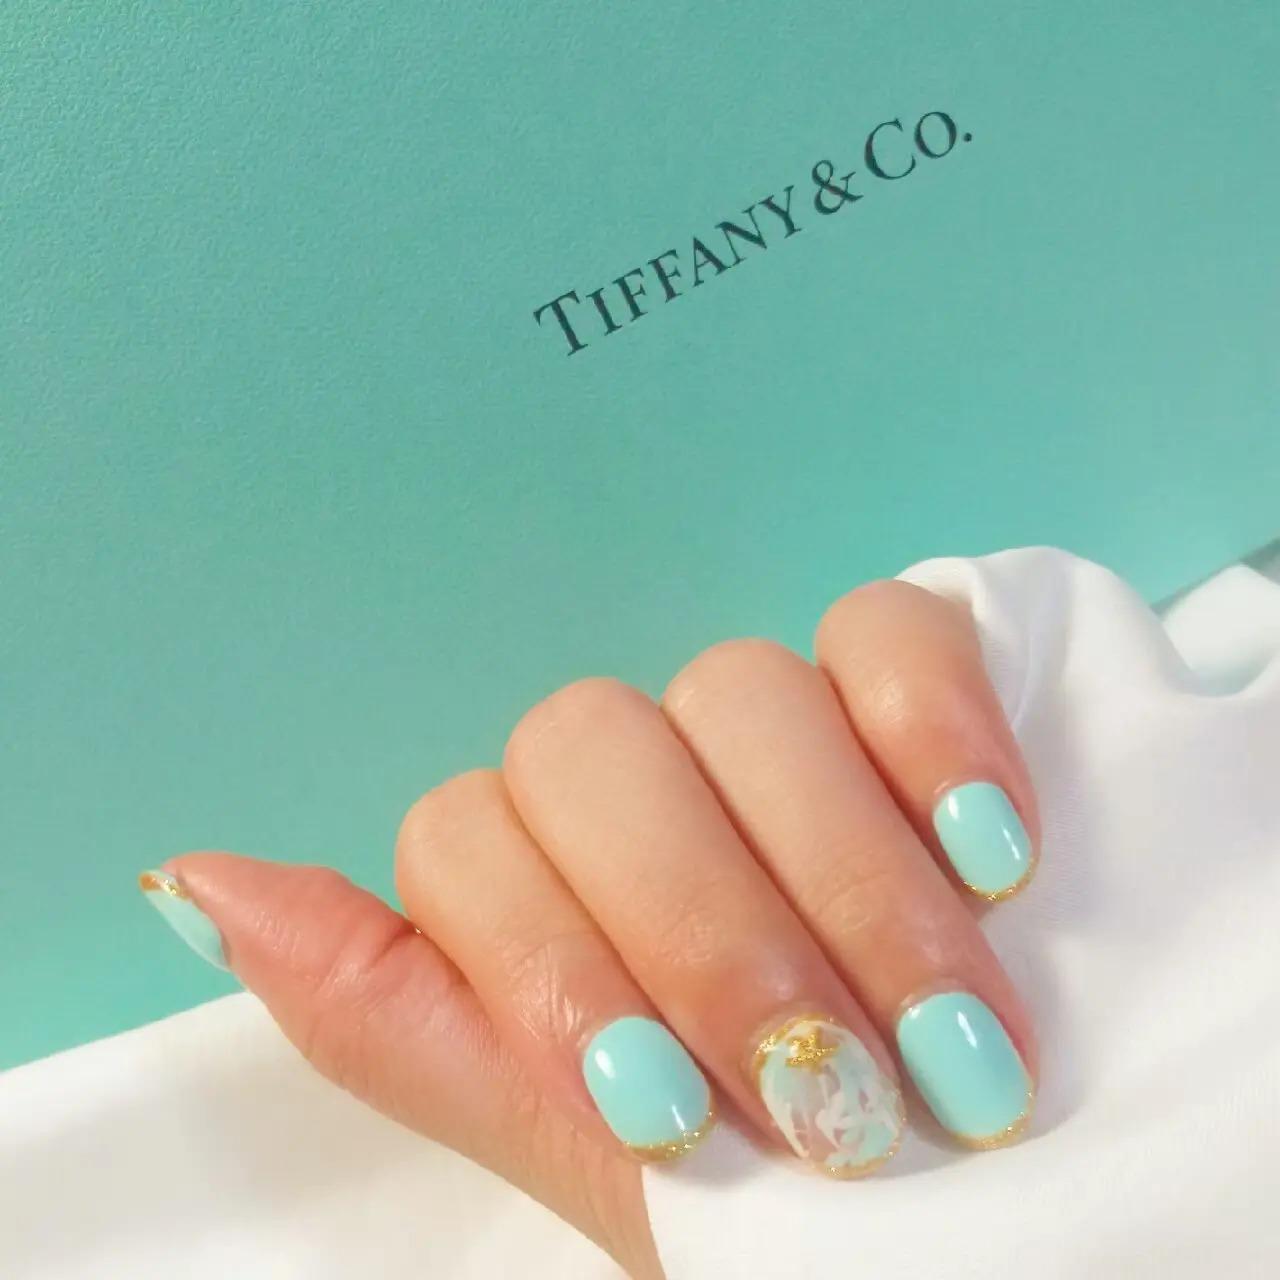 Tiffany blueをイメージしたネイル